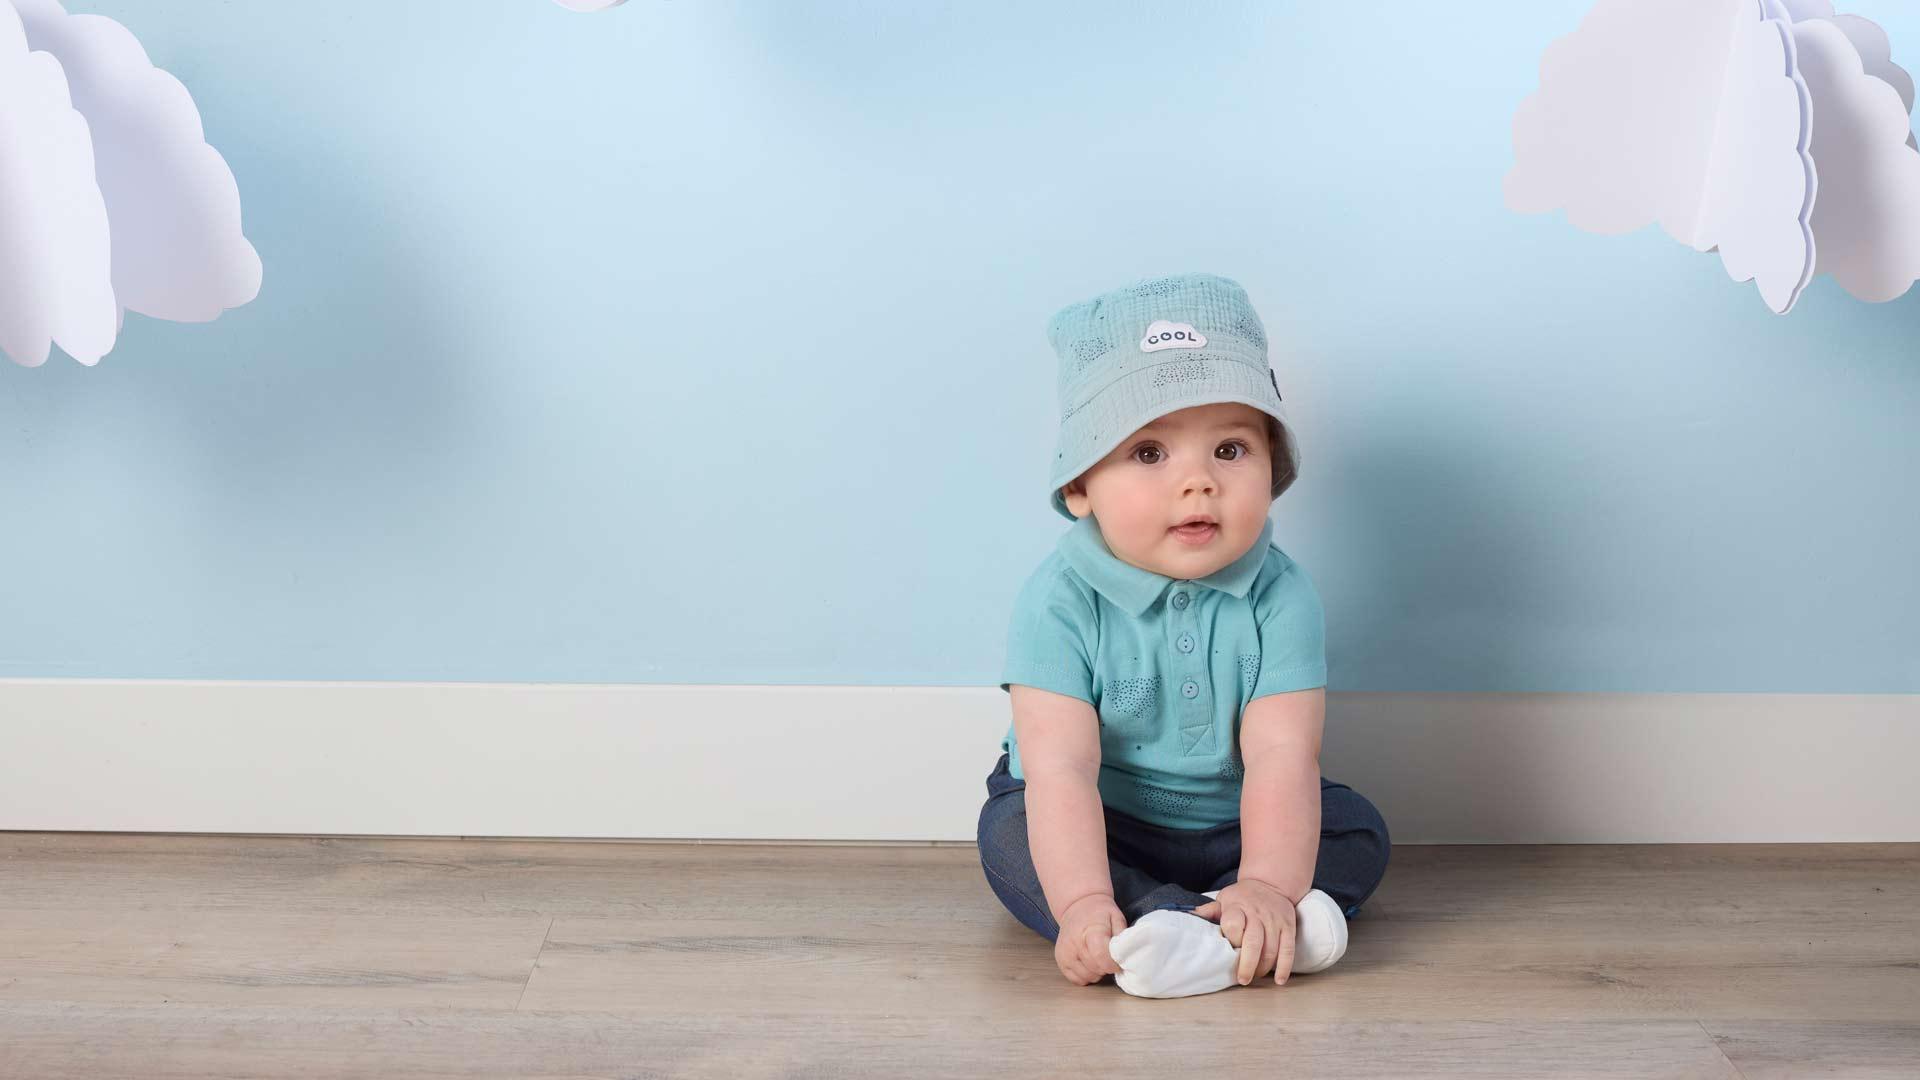 Aubert présente sa collection de casquettes, chapeaux et écharpes pour bébé garçon